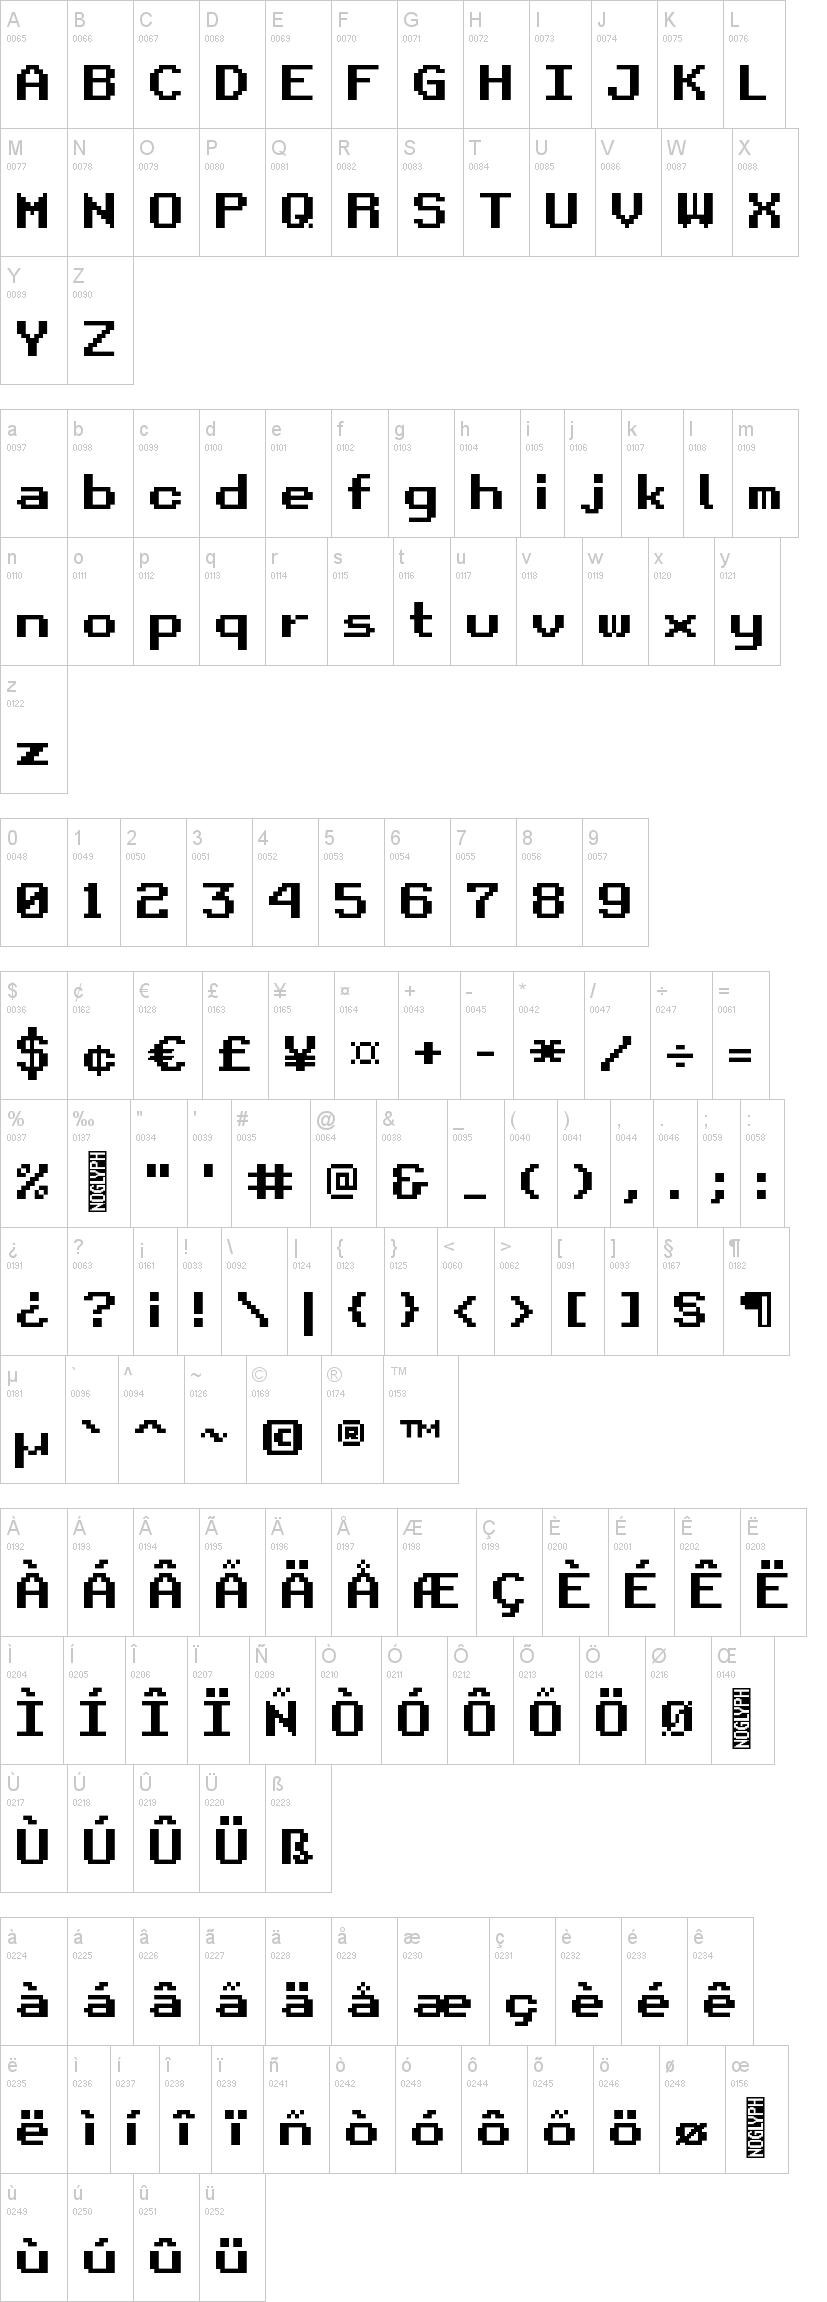 Retro Gaming Font Dafont Com